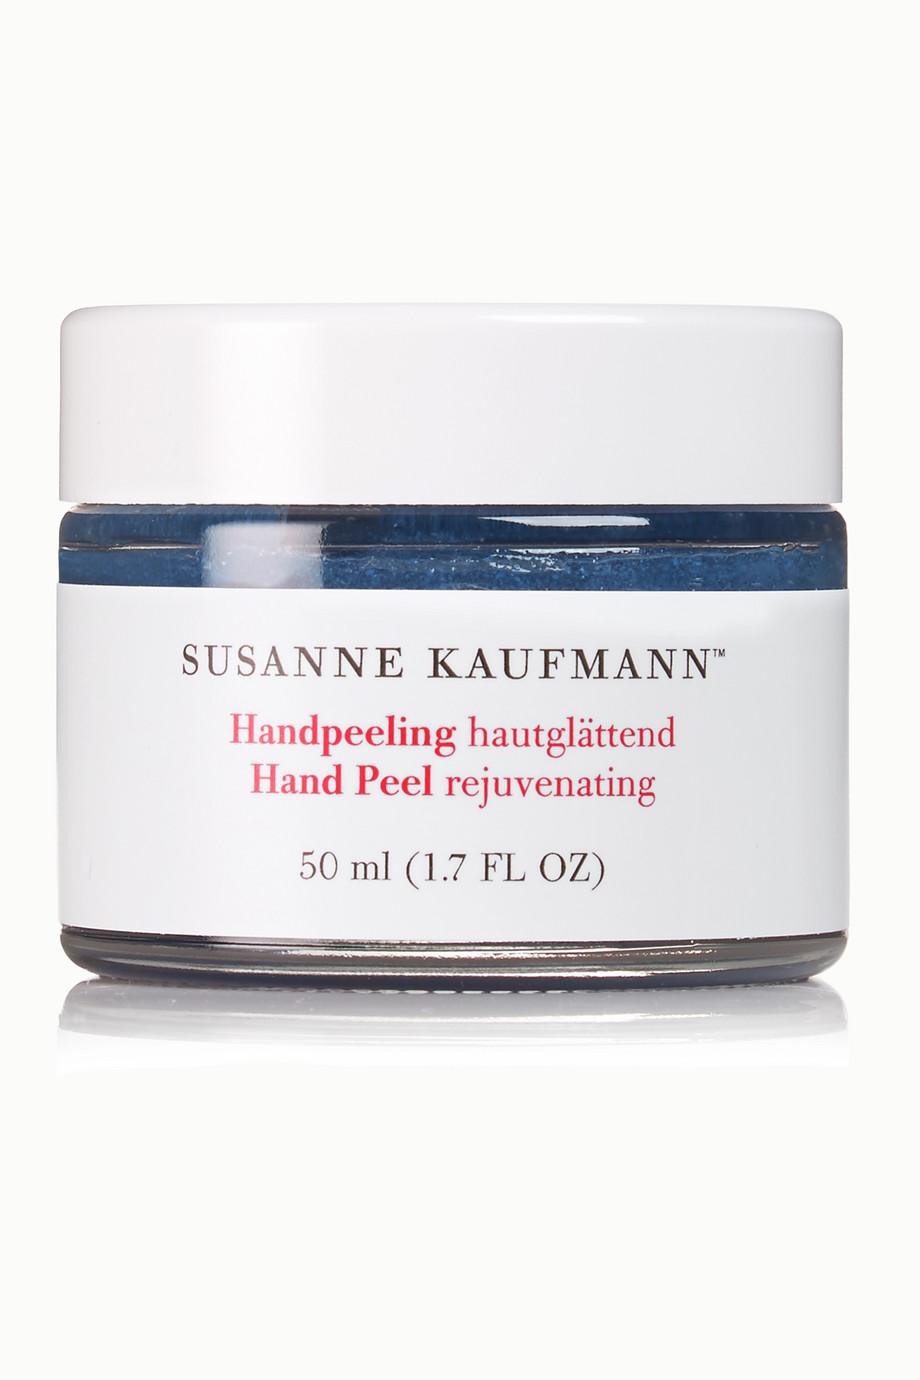 Susanne Kaufmann Hand Peel Rejuvenating, 50ml